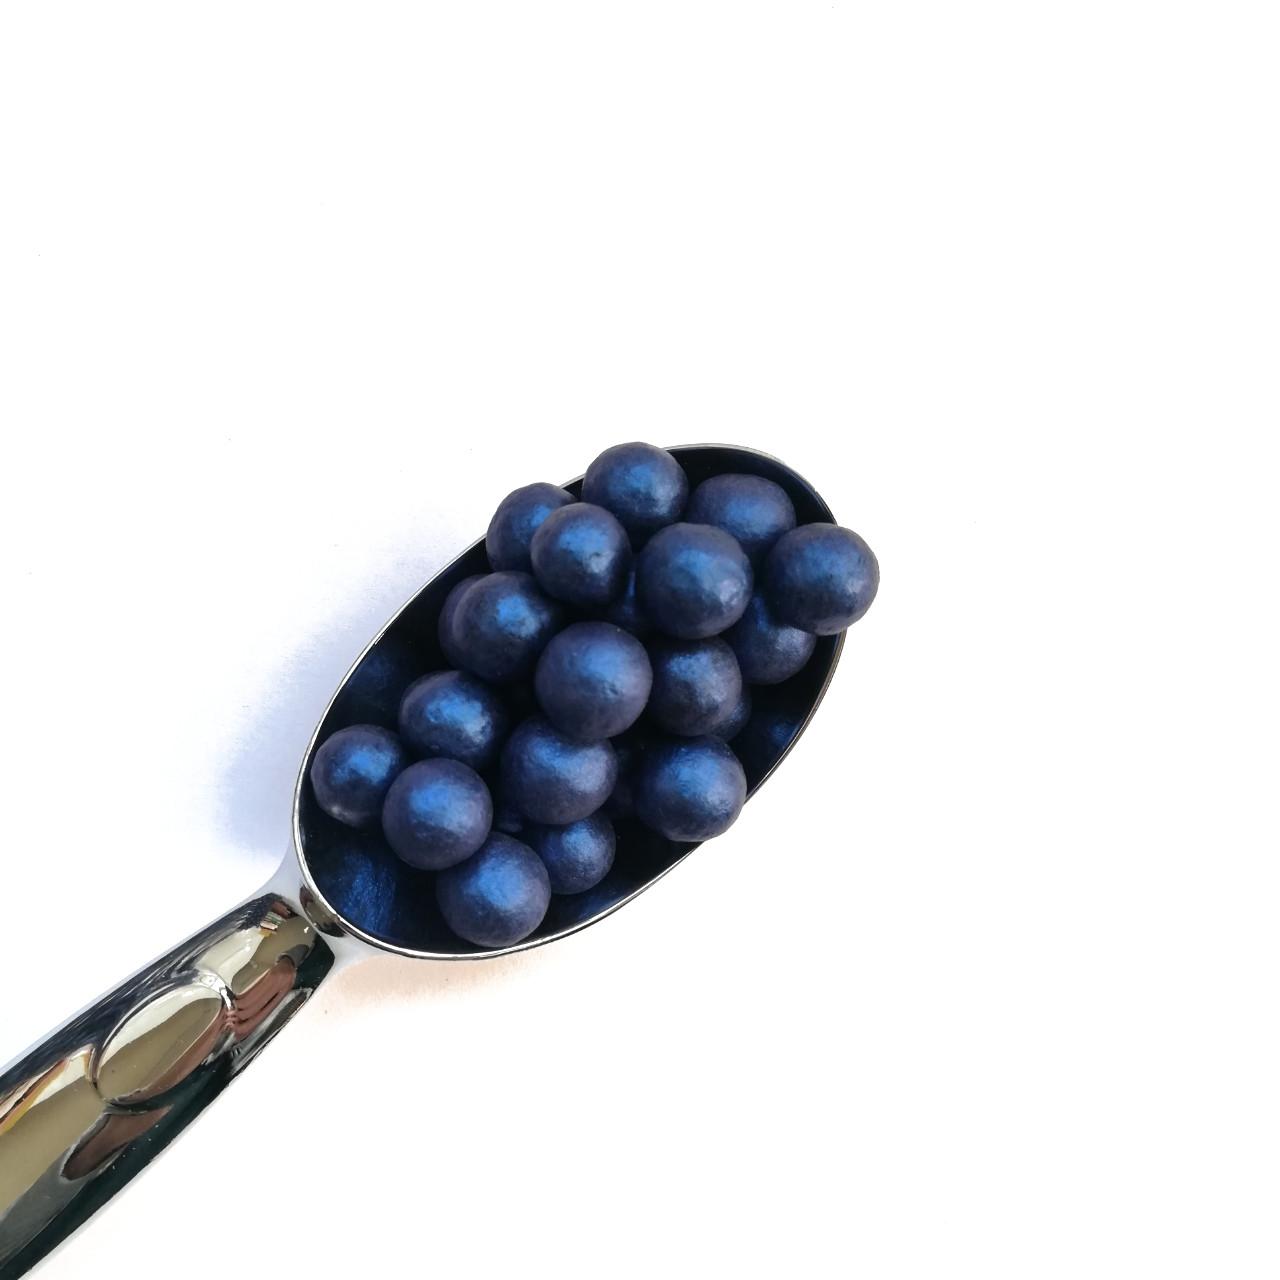 Жемчужины перламутровые синие 10мм (25г)